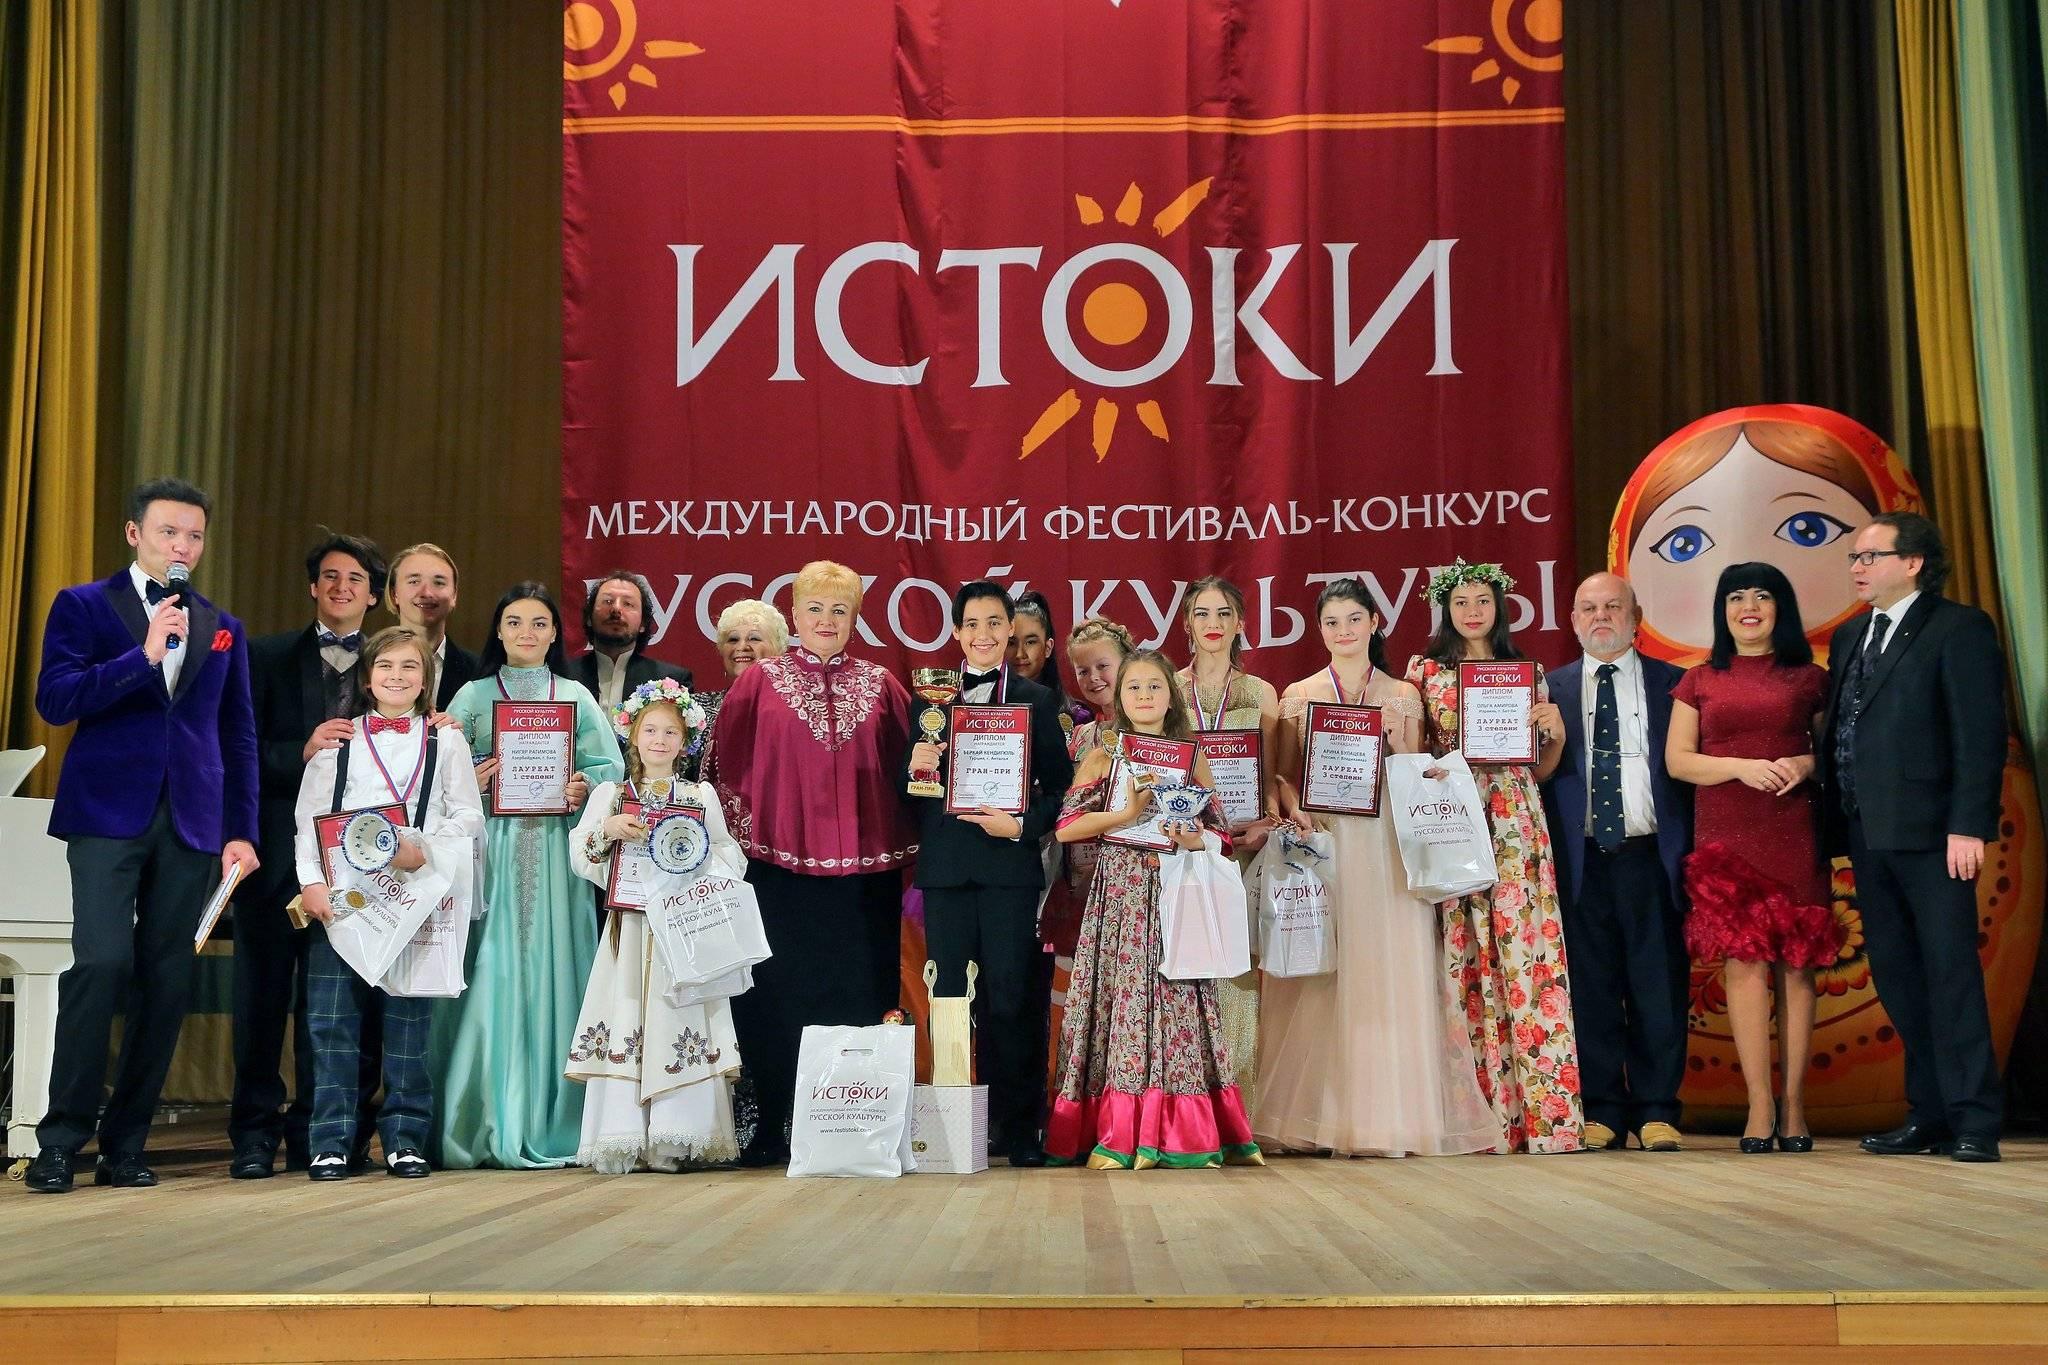 Кабинеты русского мира